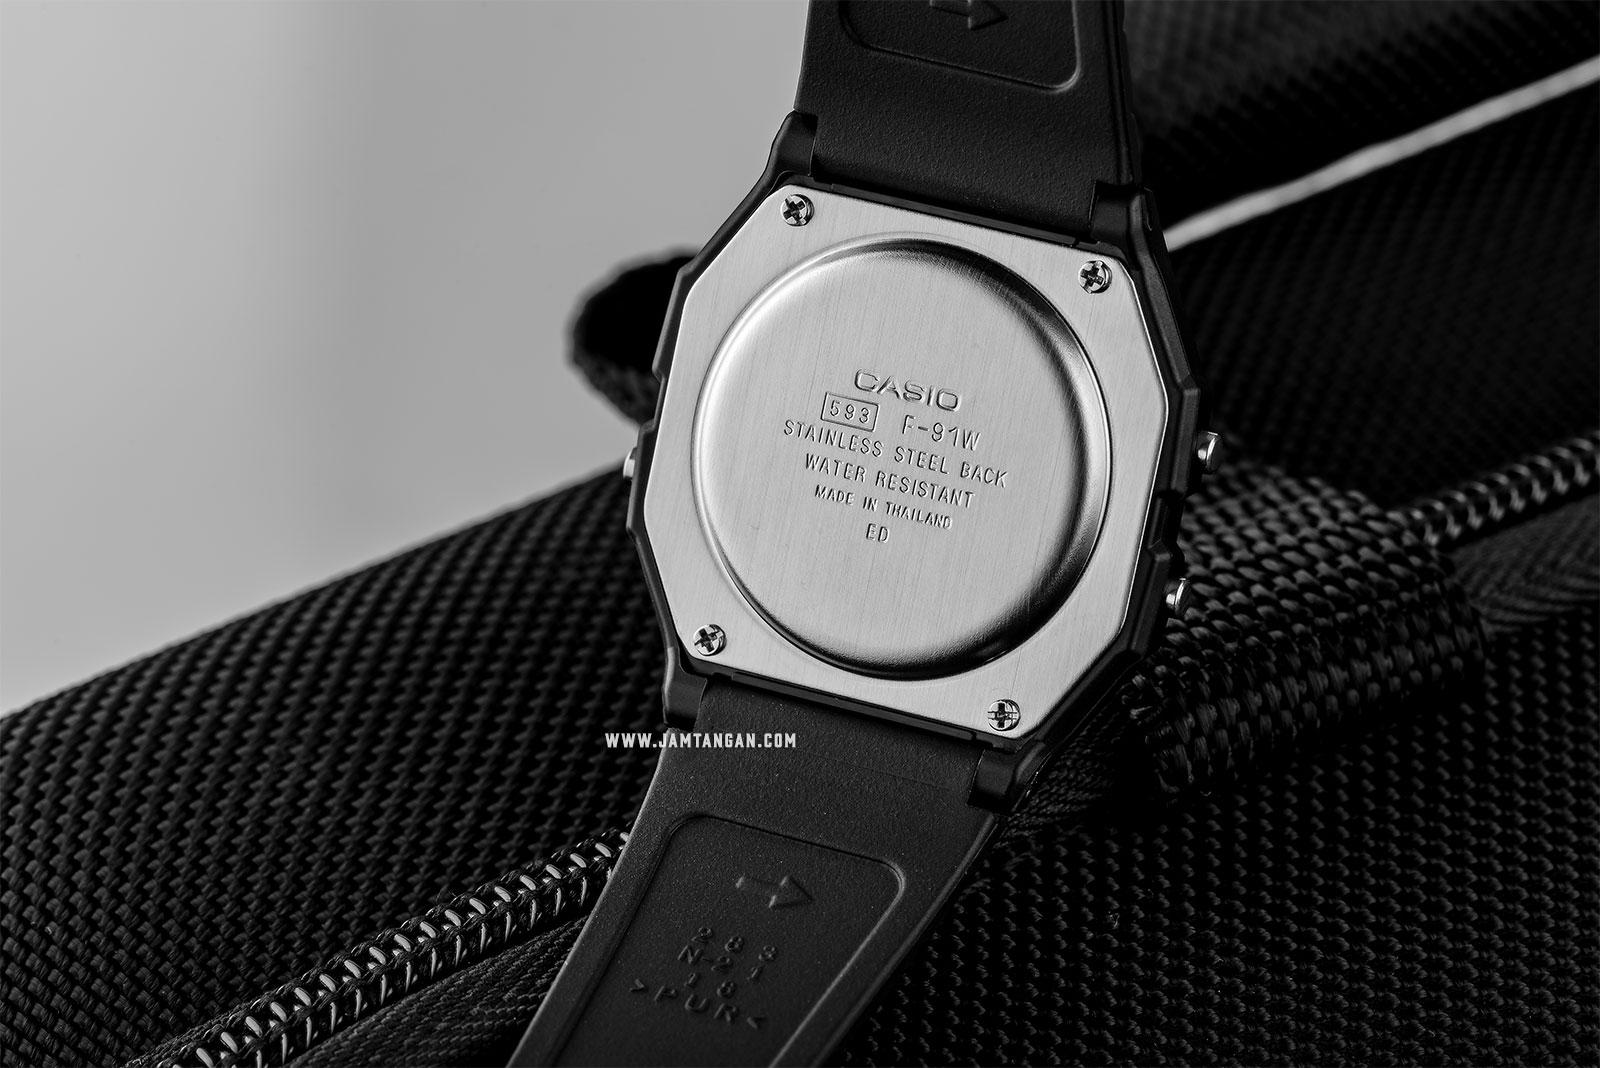 Casio General Quartz F-91W-3DG Digital Mens Watch Machtwatch